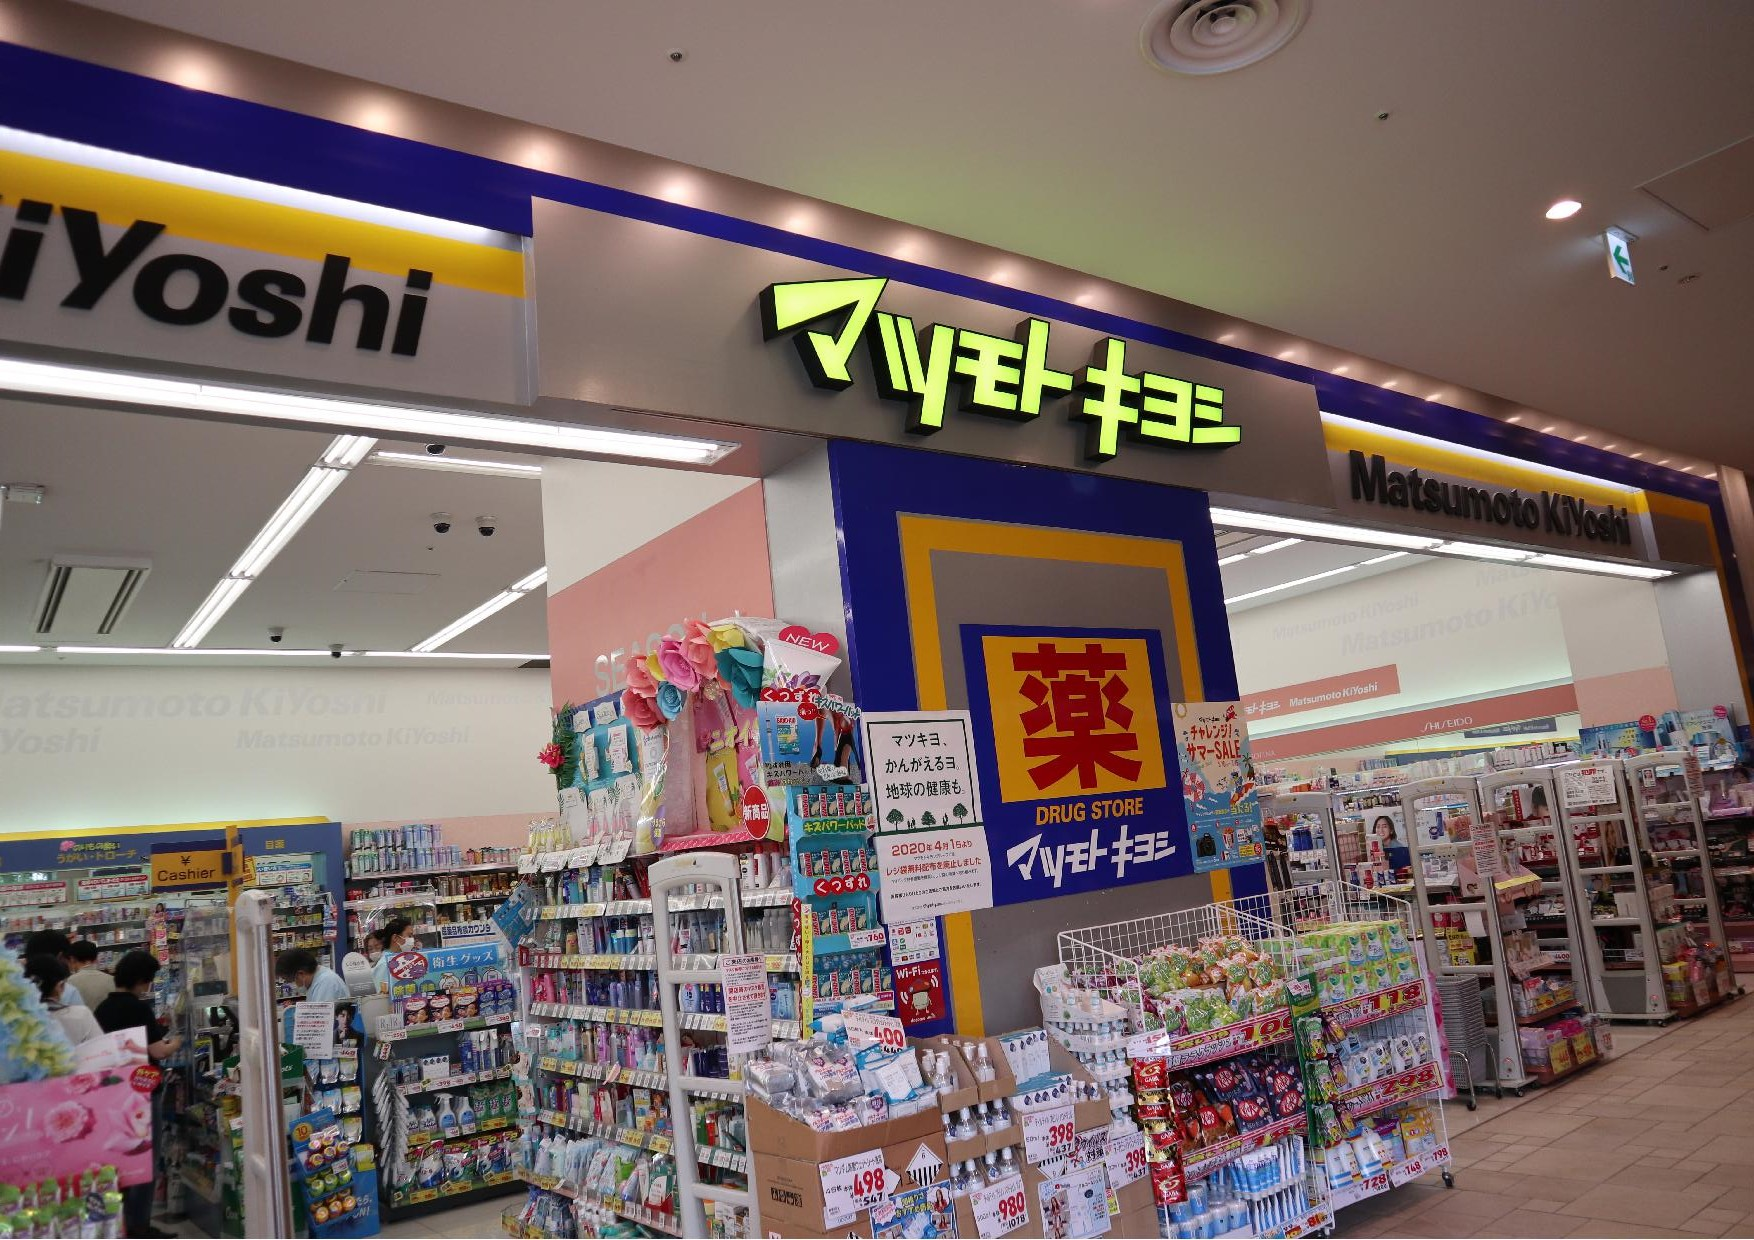 ドラッグストア:マツモトキヨシ 東京スカイツリータウン・ソラマチ店 ウエストヤード 358m